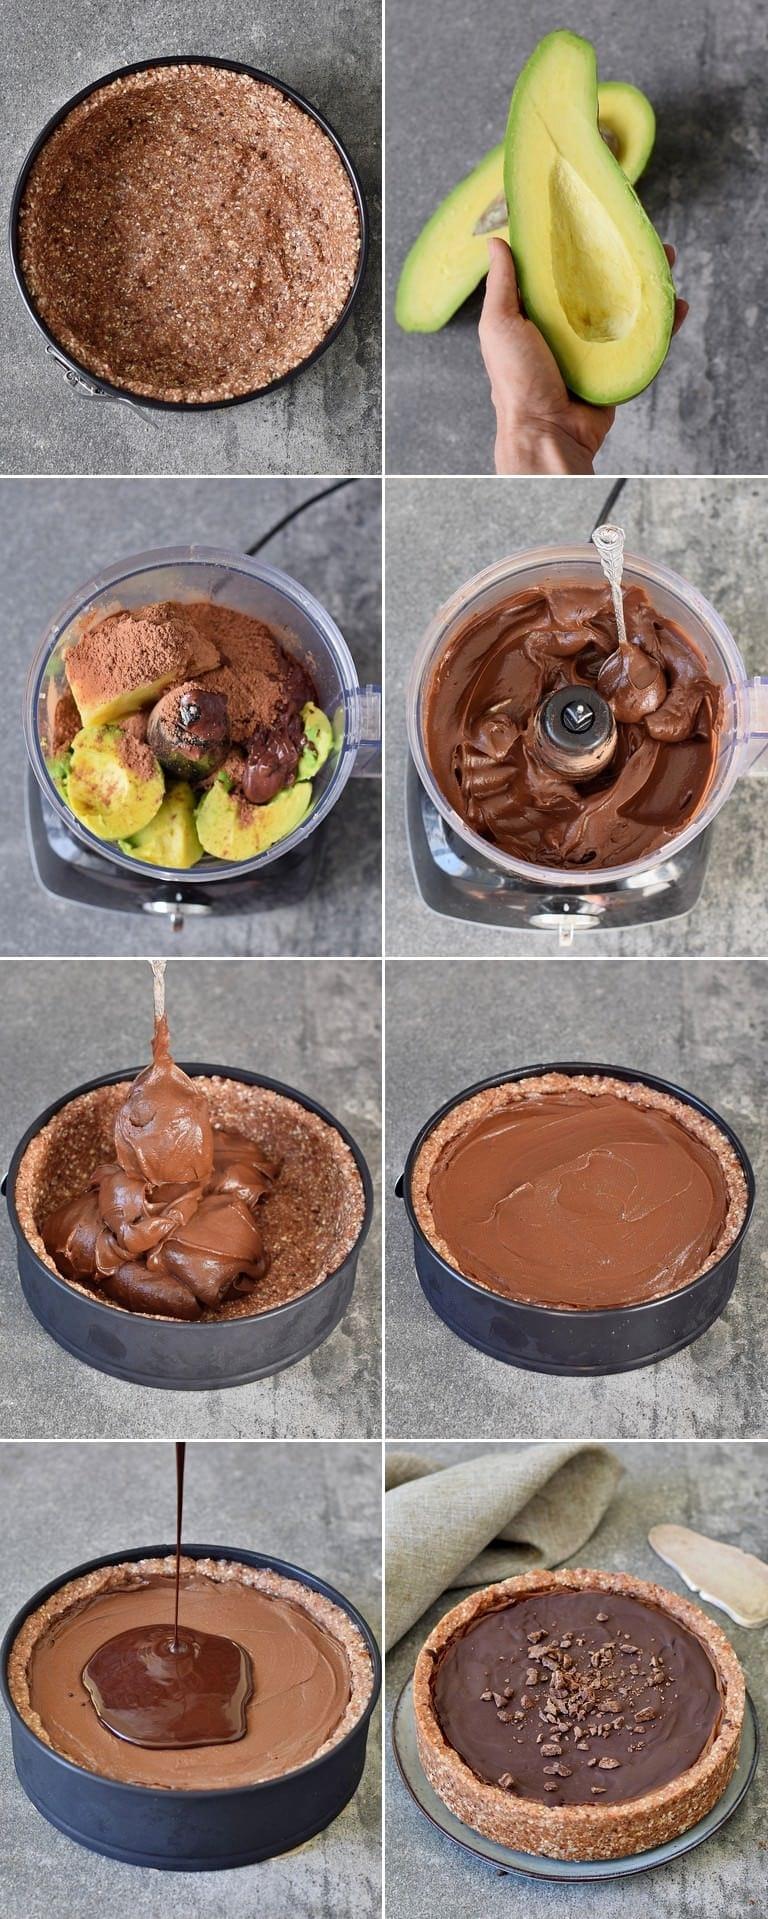 Wie macht man eine Schokoladen Tarte mit Avocado?